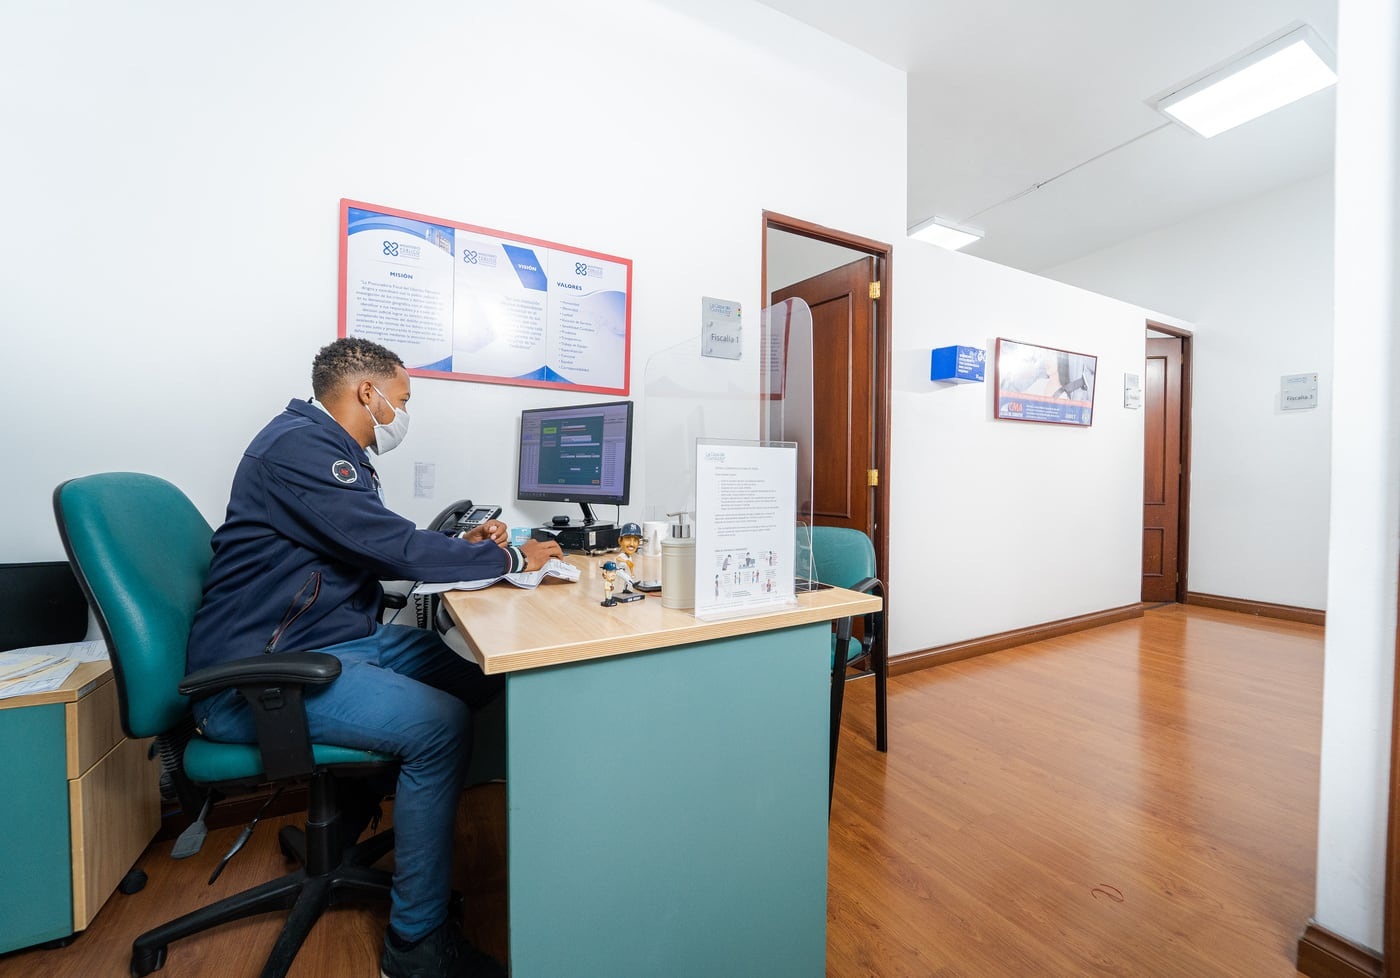 Foto de nuestras instalaciones | ly12lOfC81G81o04uVo7yNLs6